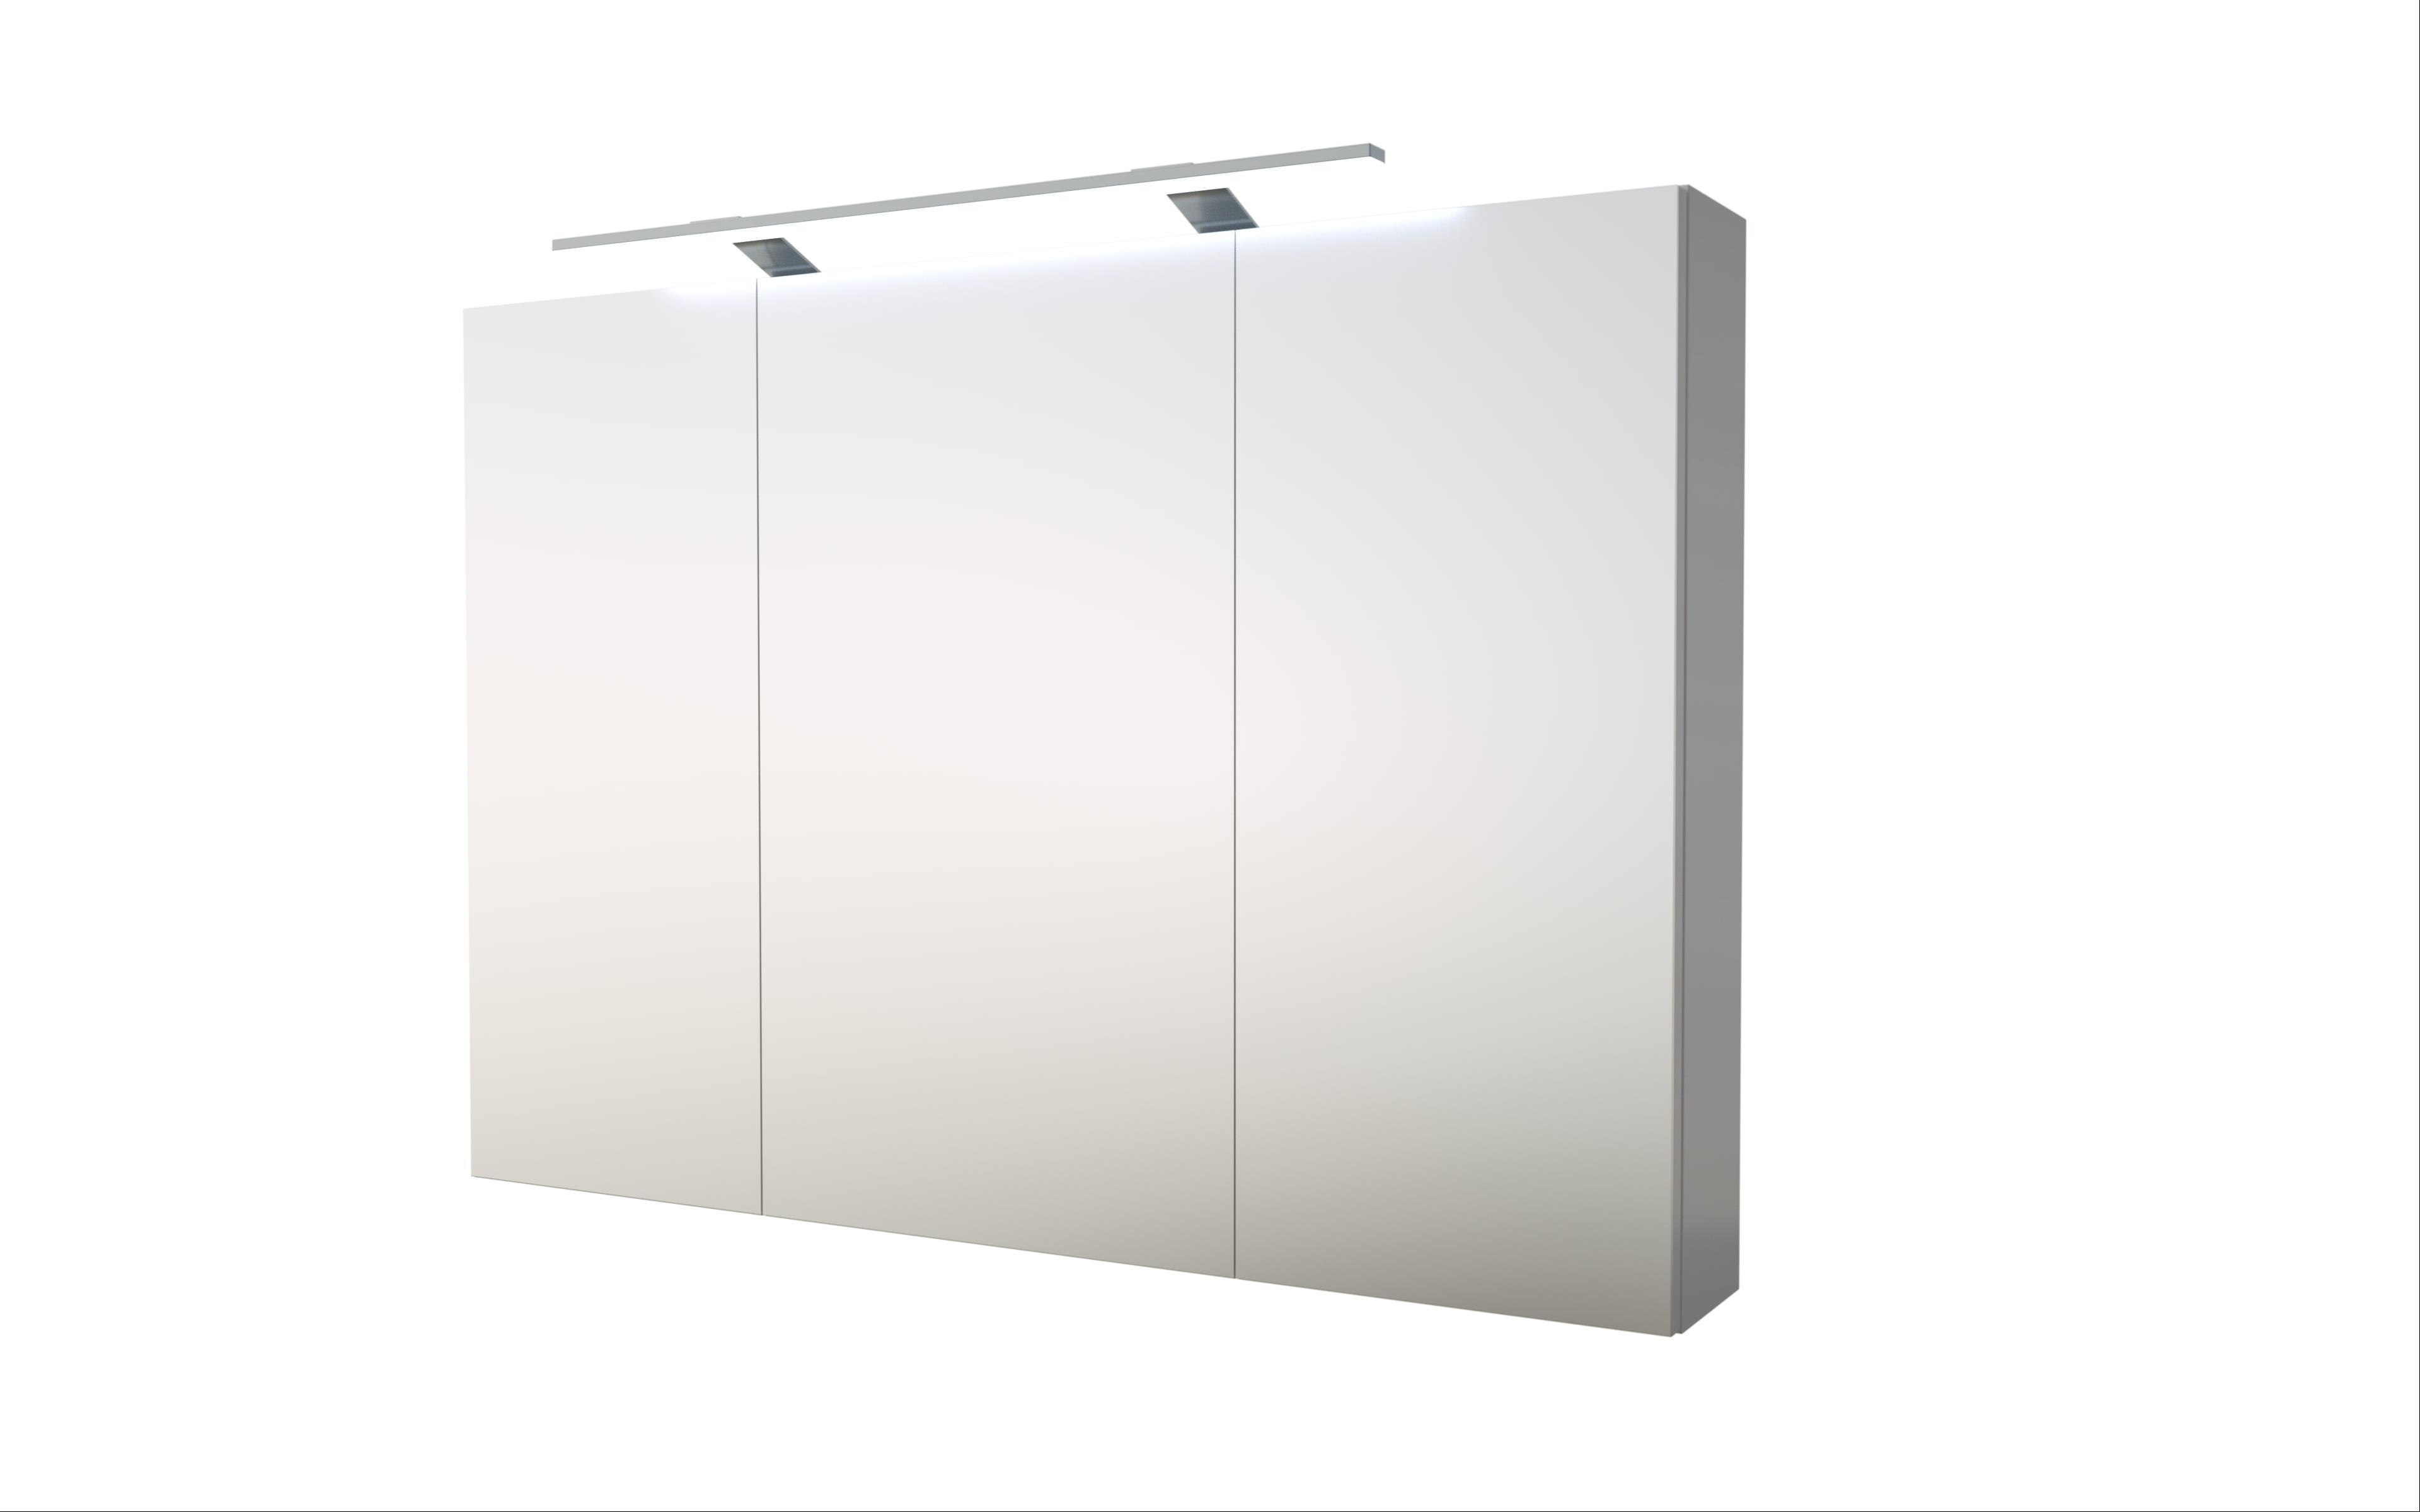 Bad LED Spiegelschrank Scandic 100 Weiß glänzend Bild 1